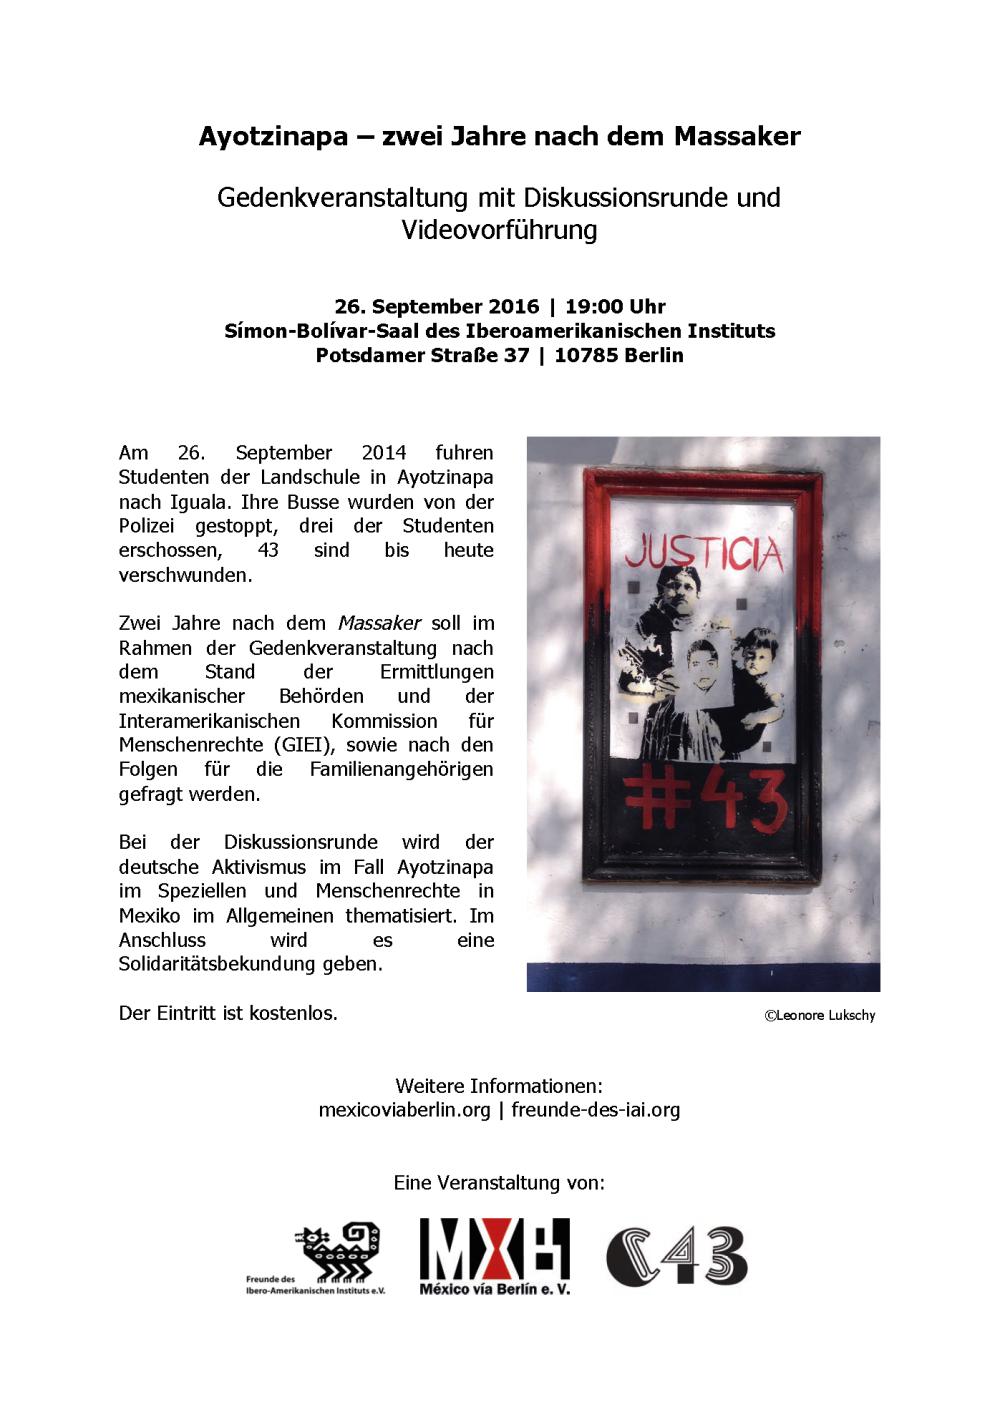 Ayotzinapa – zwei Jahre nach dem Massaker2.png